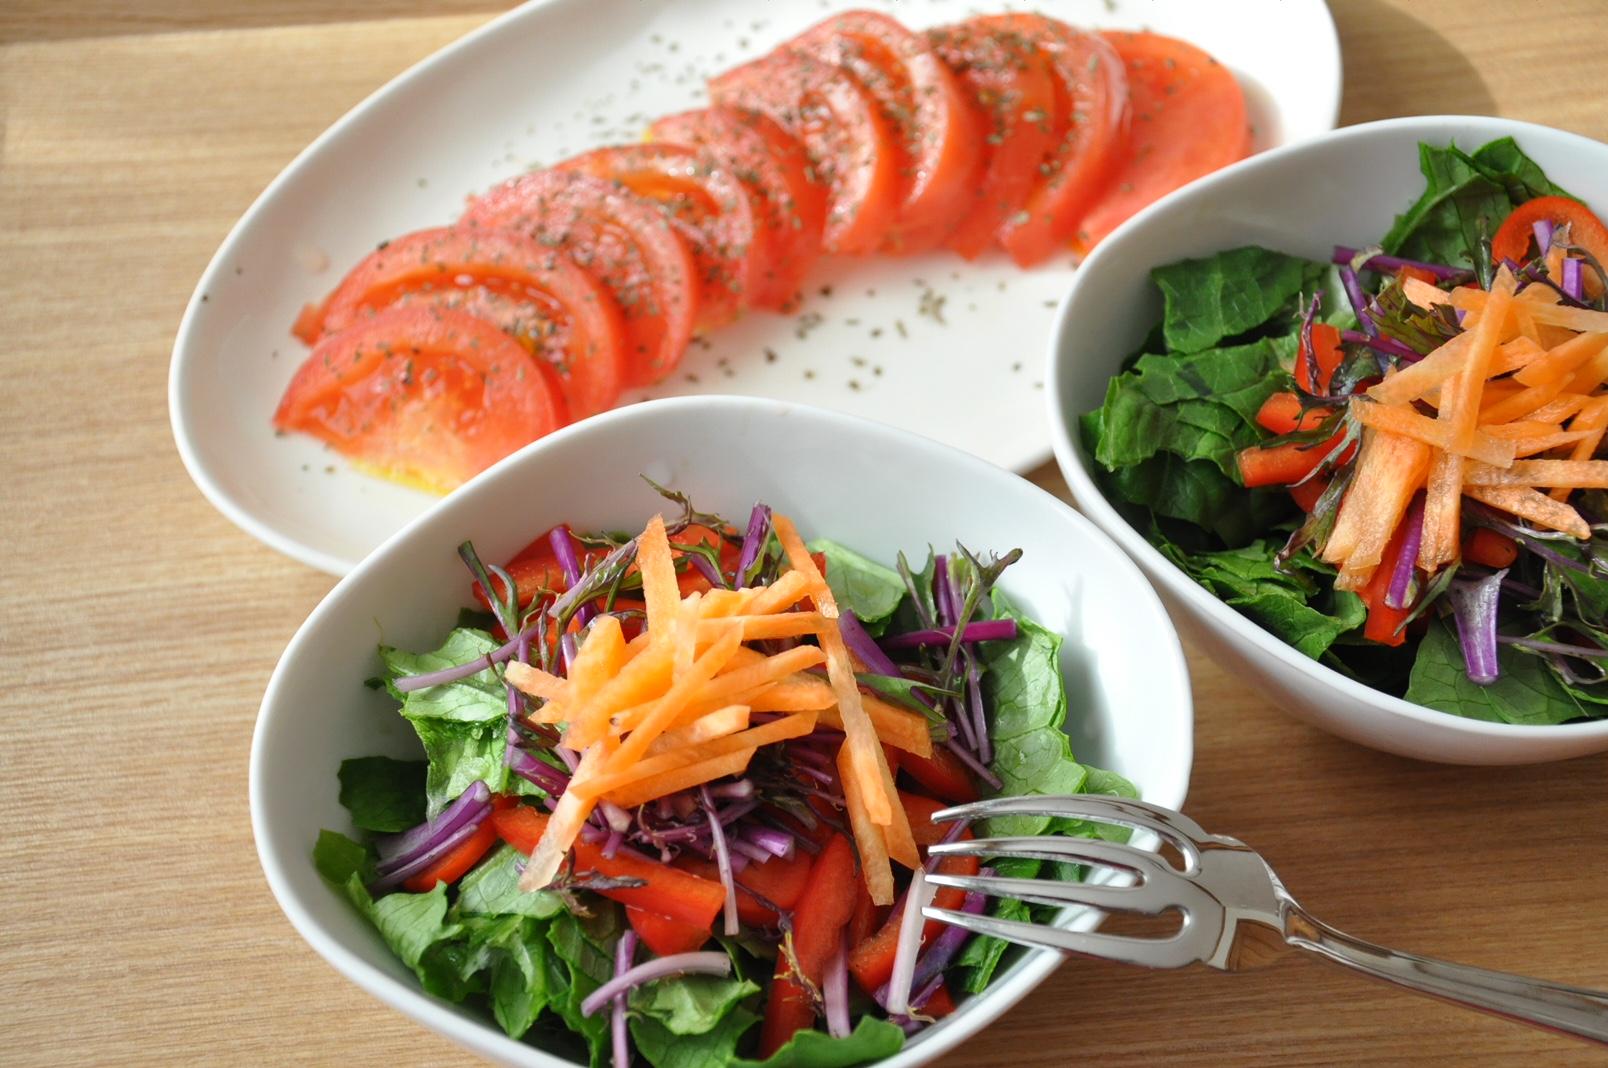 インナービューティーダイエットを始めて変化したことは?